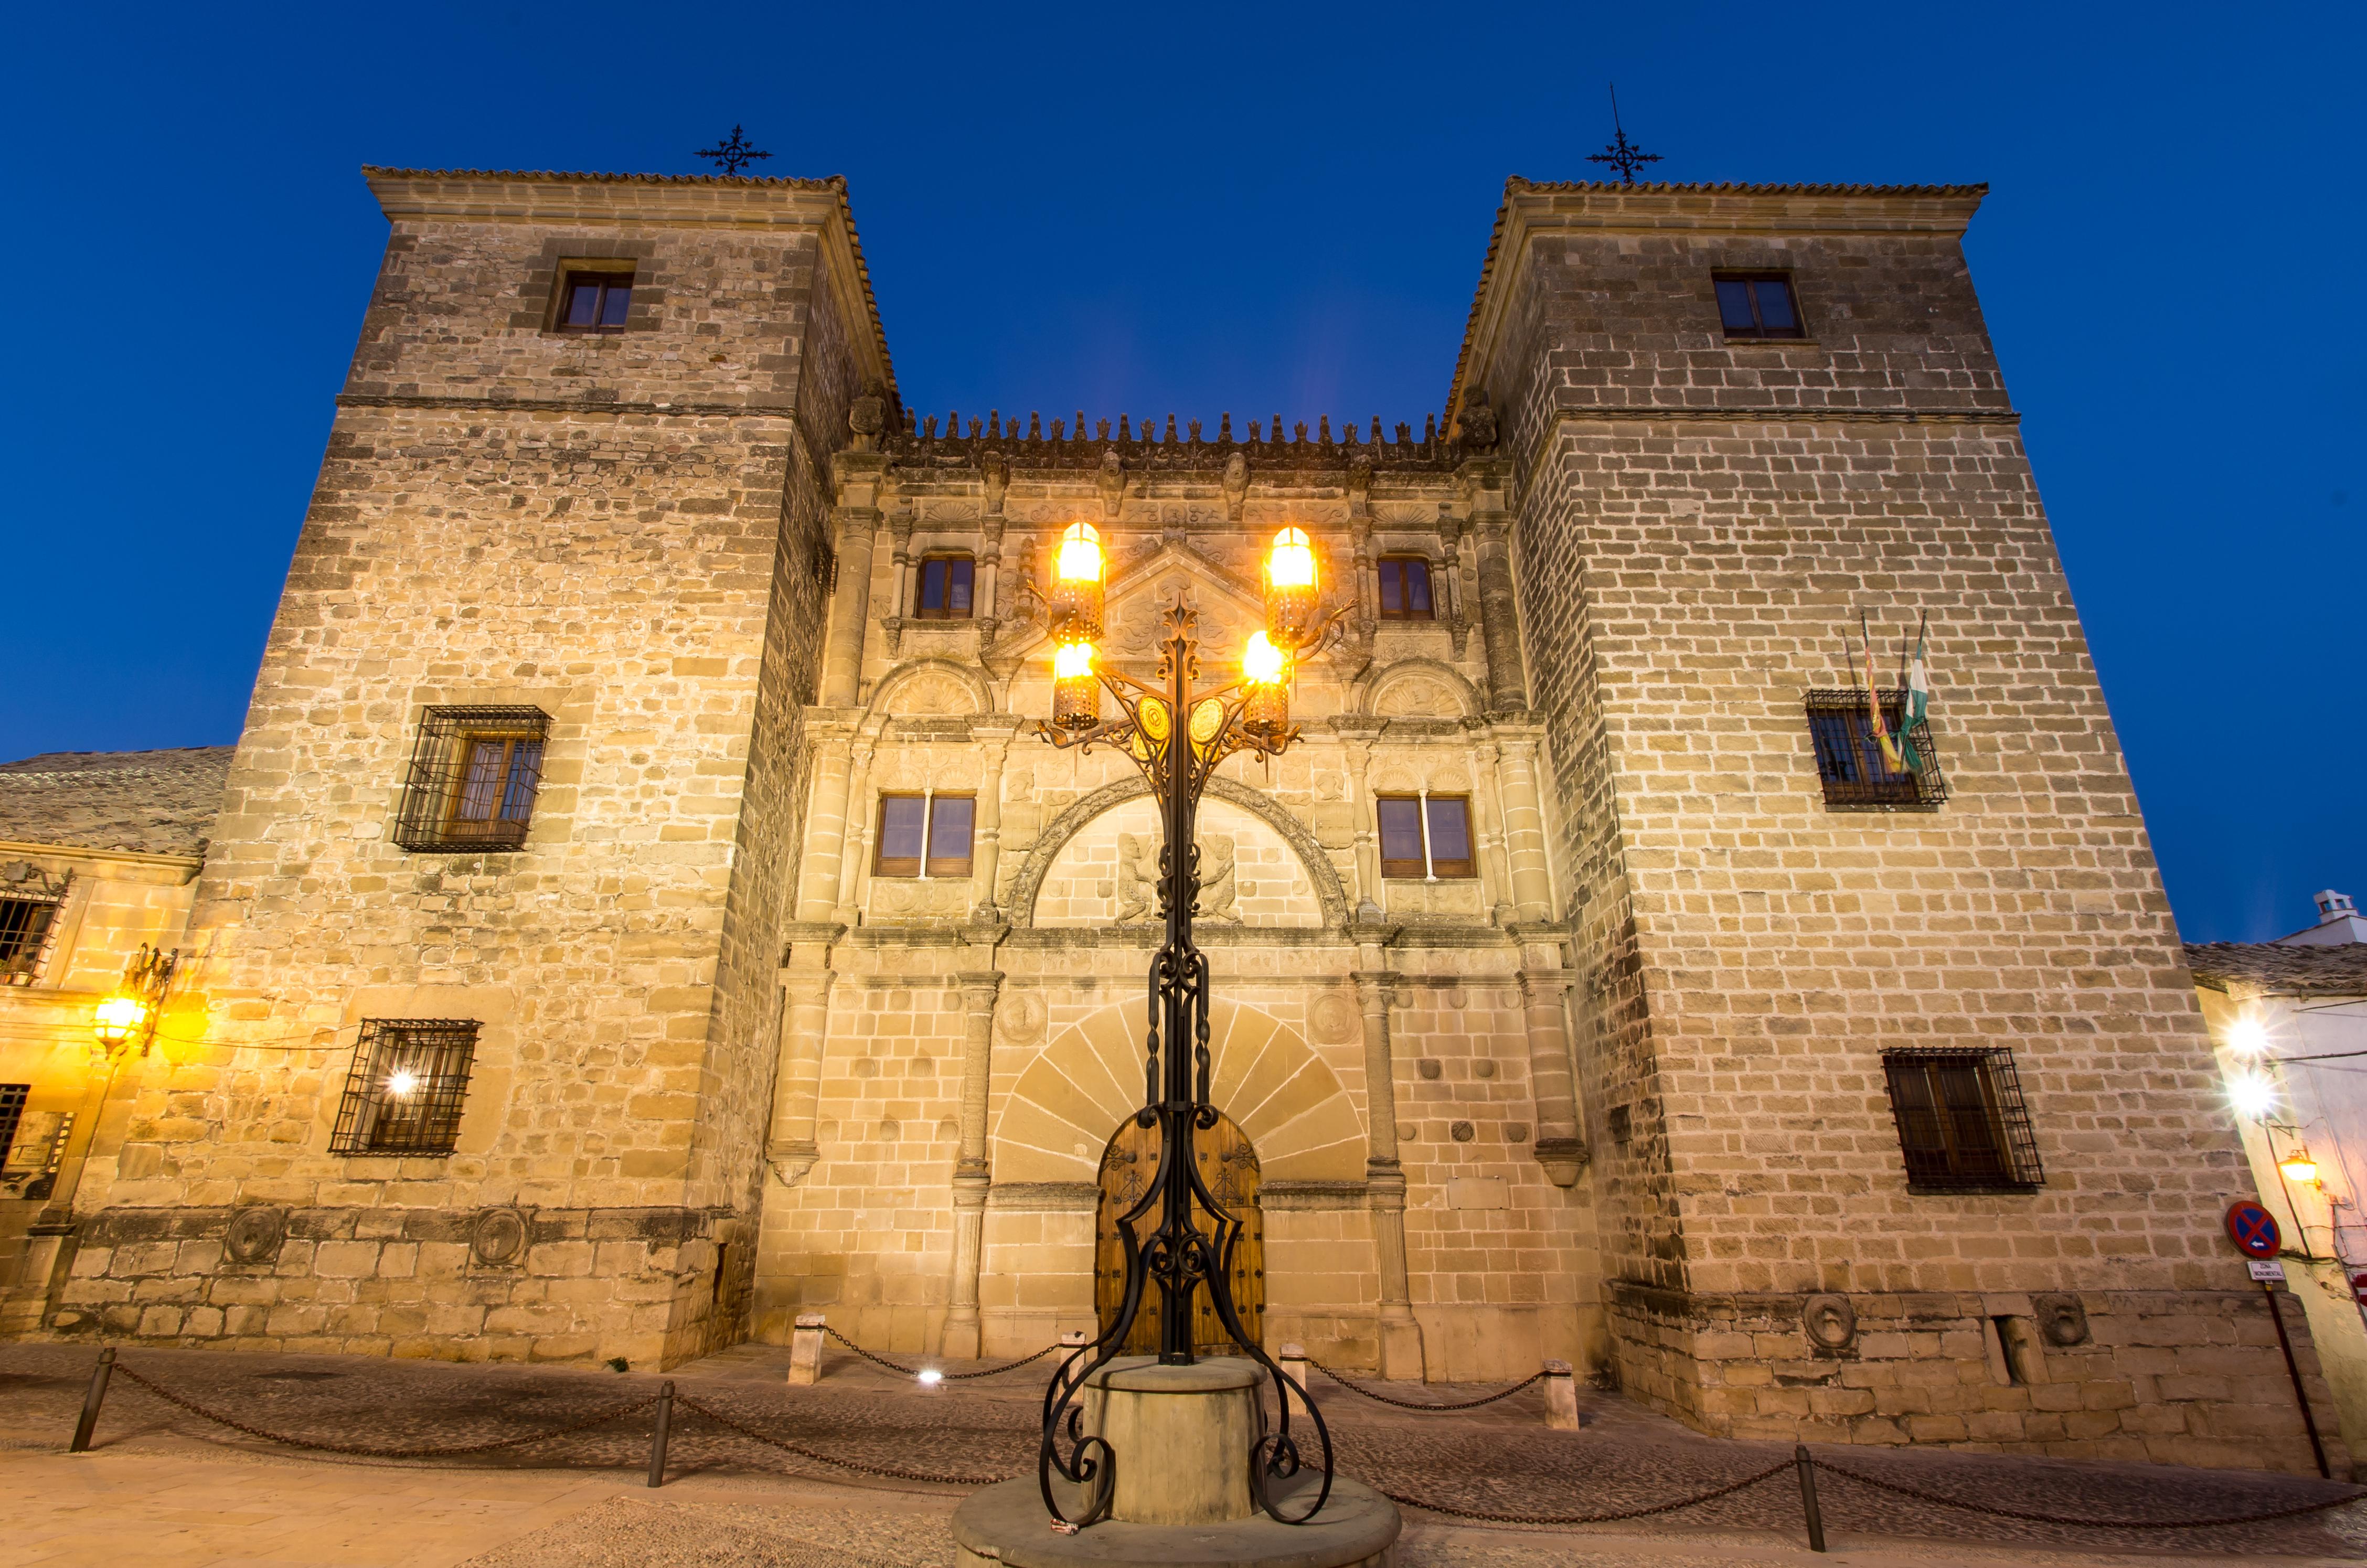 Casa De Las Torres Wikipedia La Enciclopedia Libre